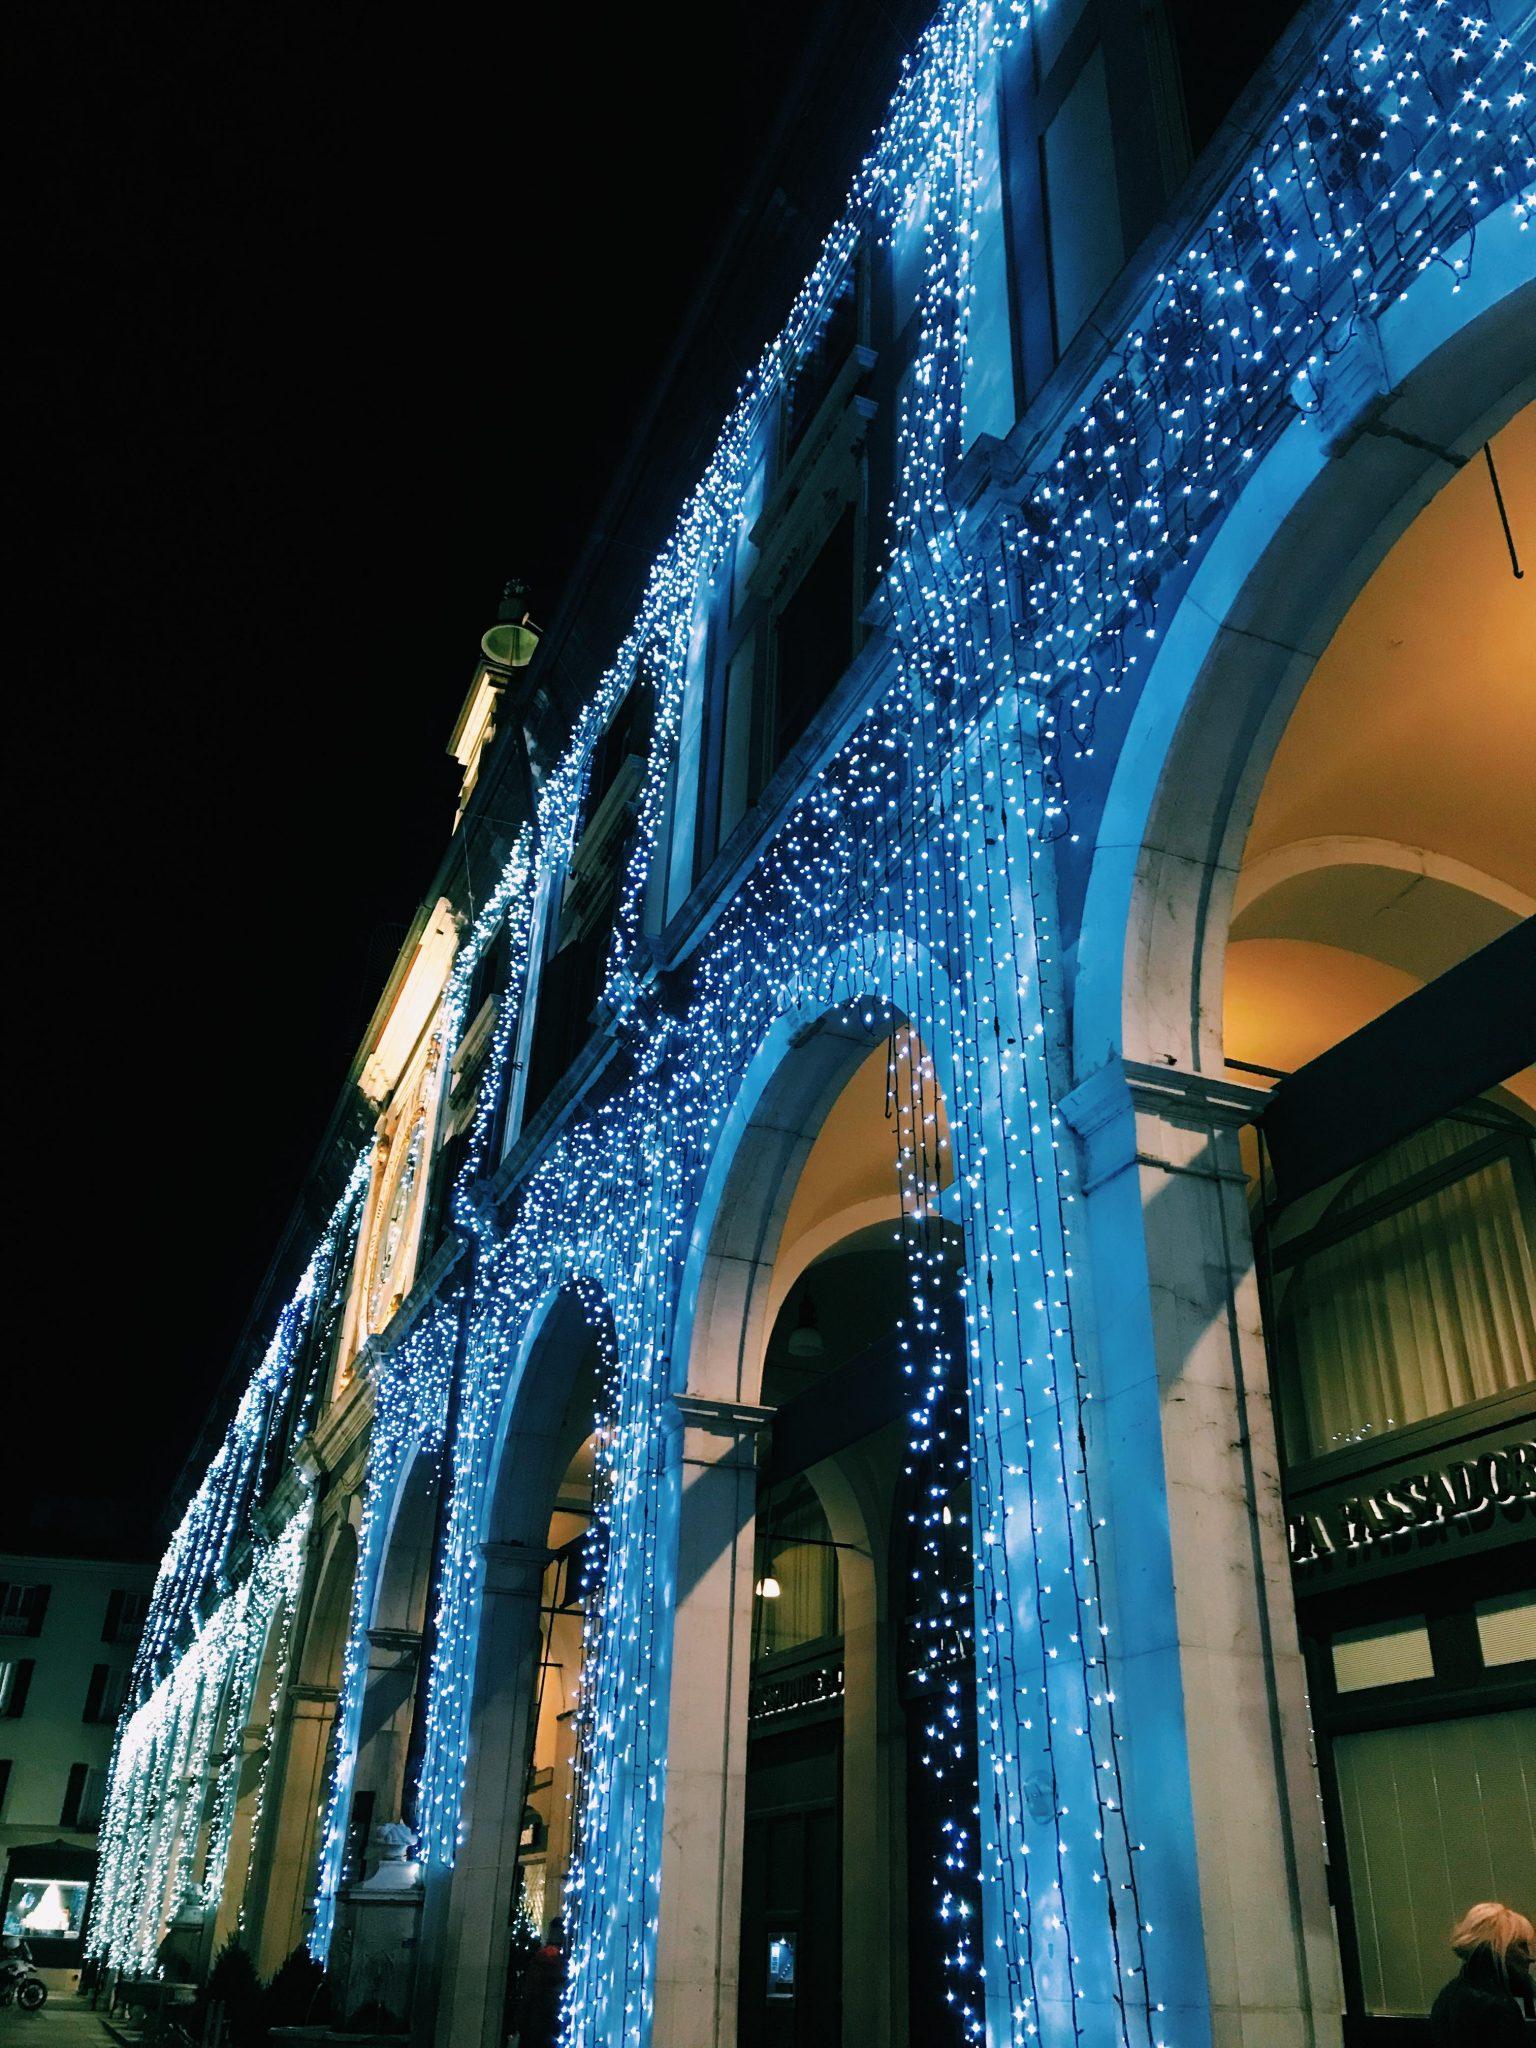 Una passeggiata serale fra le mille luci di Brescia, quando i colori delle feste accendono la città e la trasformano ogni giorno in qualcosa di nuovo